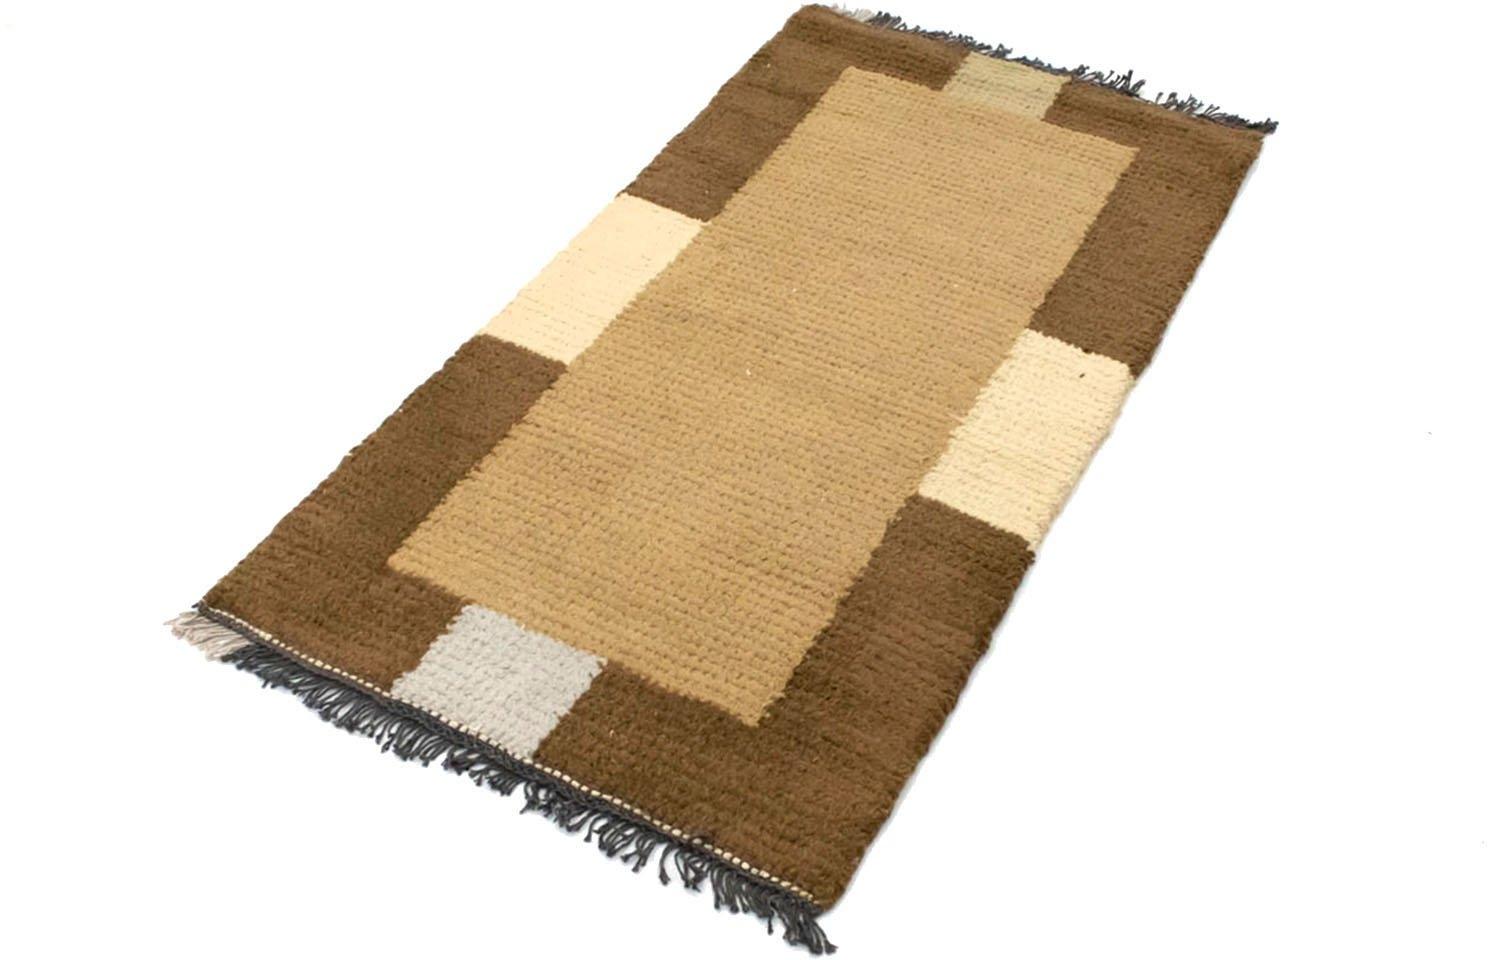 morgenland wollen kleed Nepal Teppich handgeknüpft mehrfarbig handgeknoopt voordelig en veilig online kopen